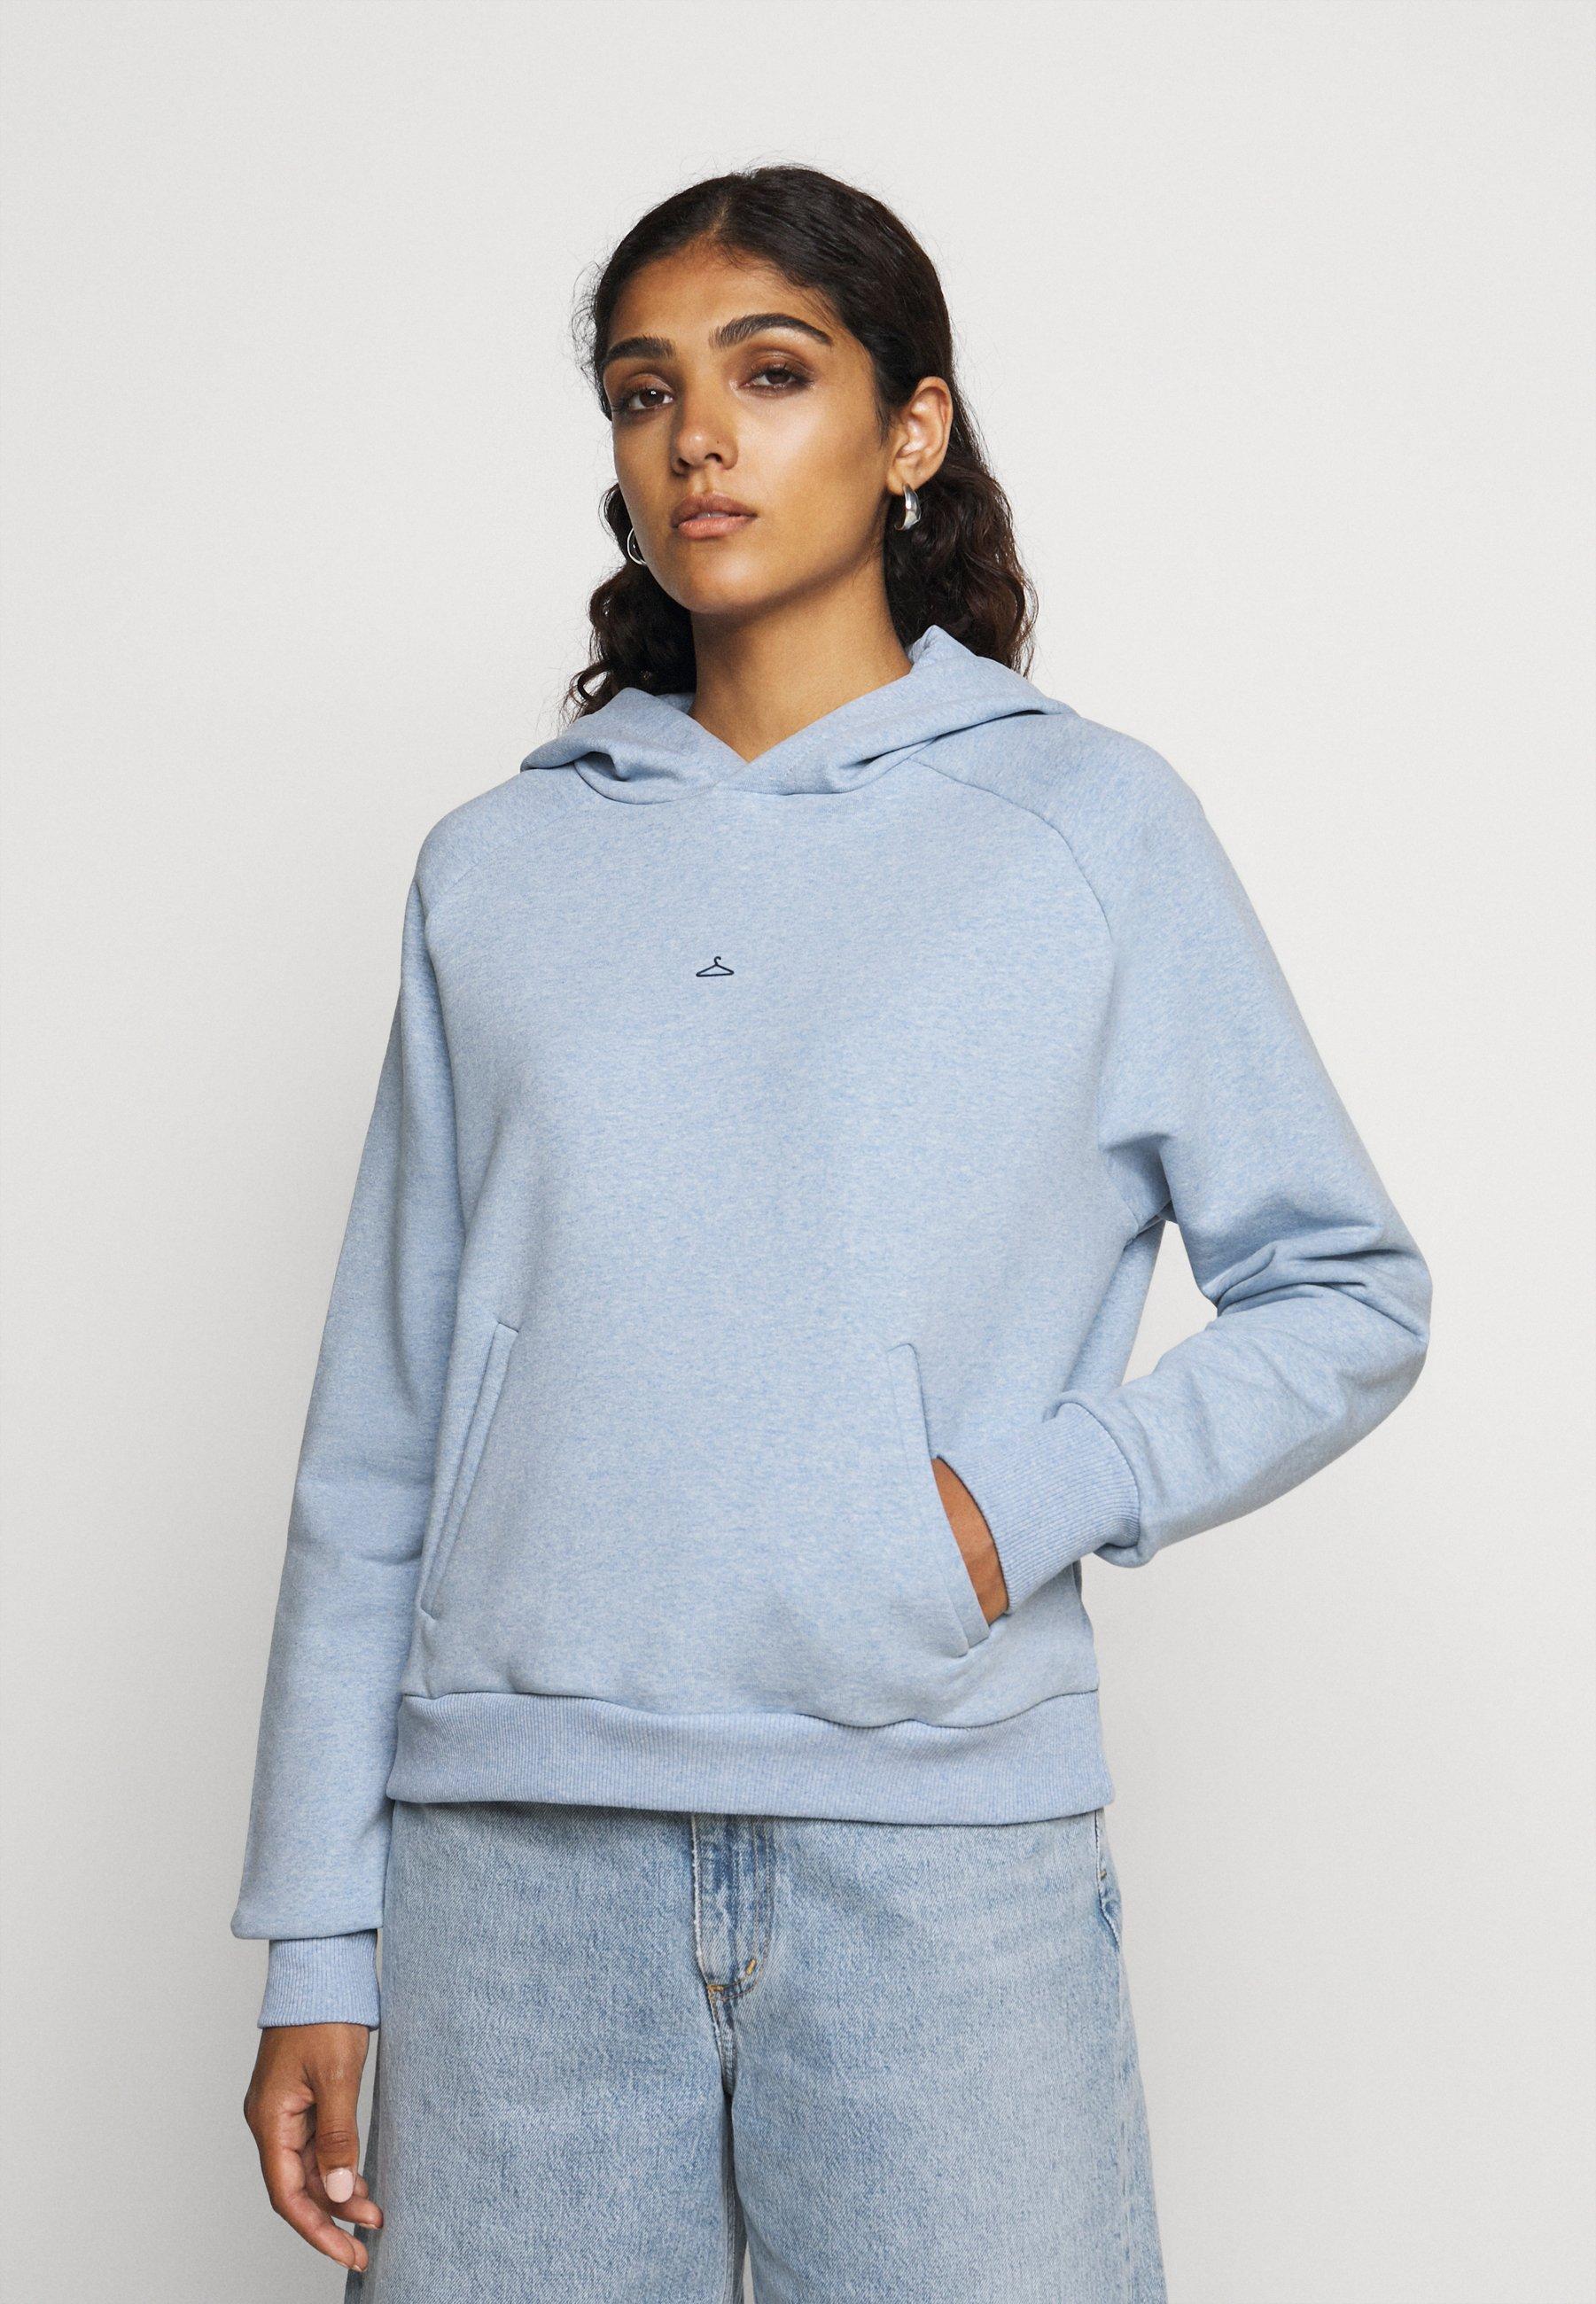 Blue Genser  NIEU  Hettegensere & hoodies - Dameklær er billig